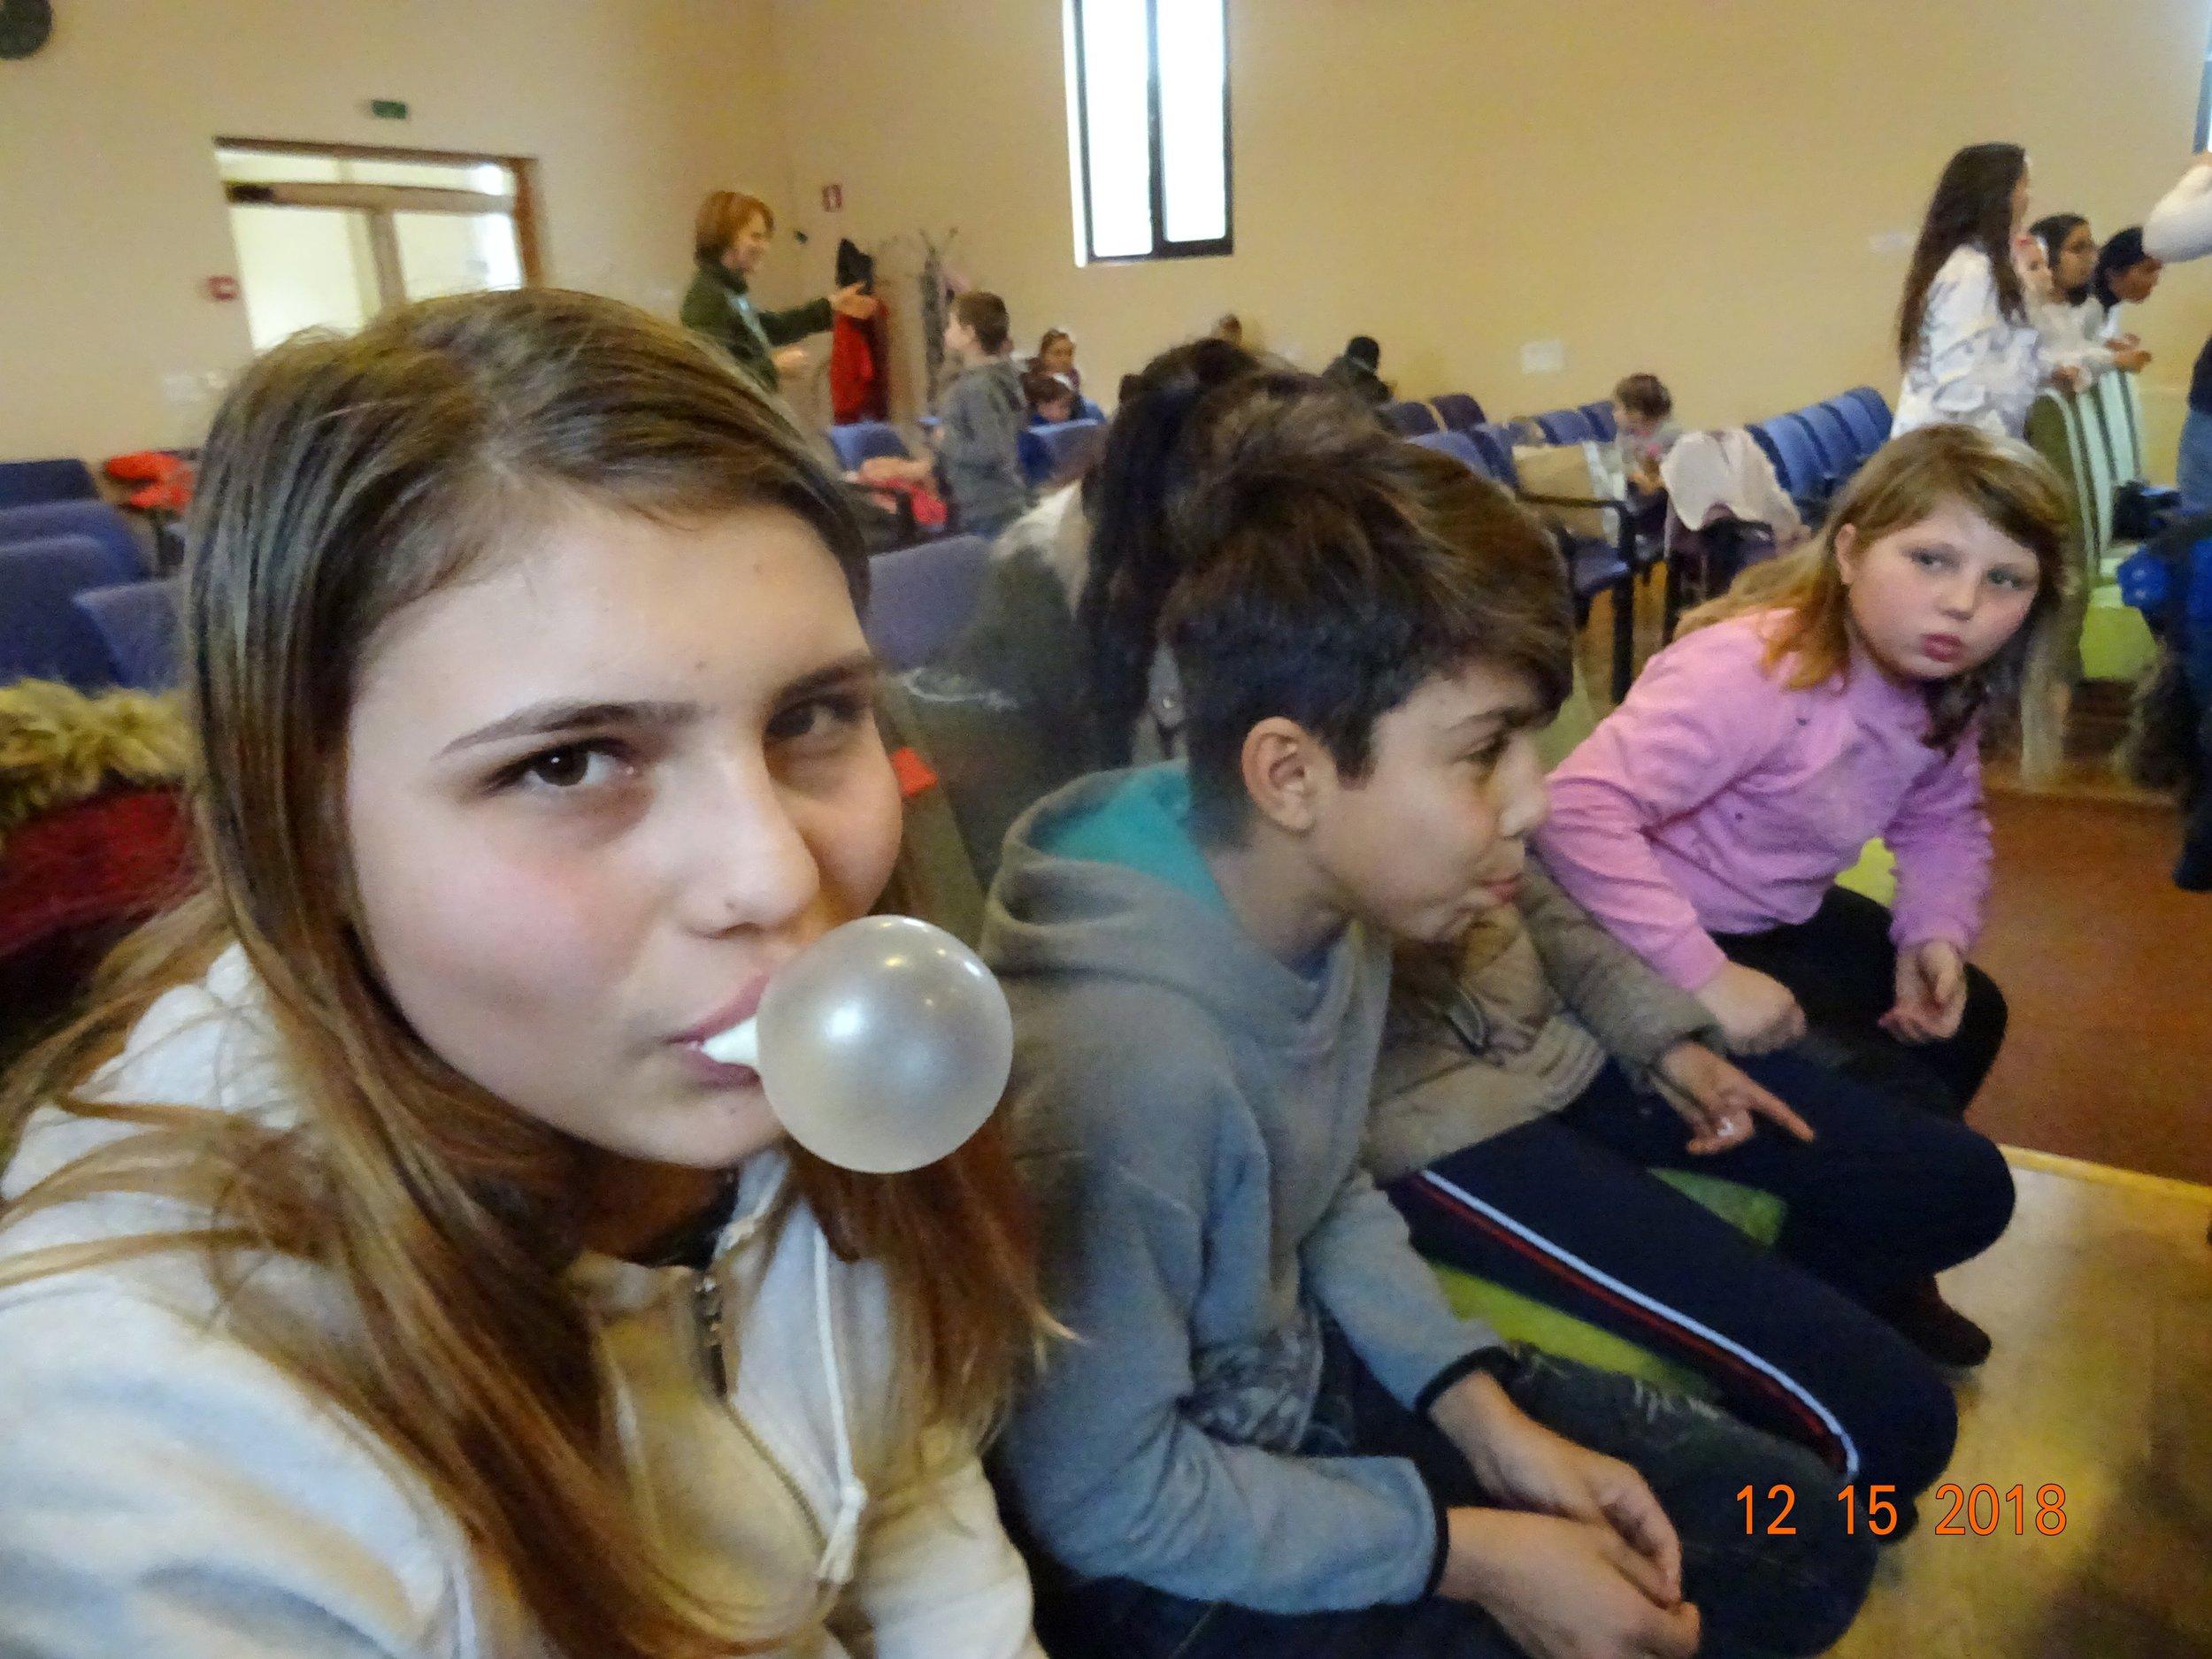 buble gum contest.jpg